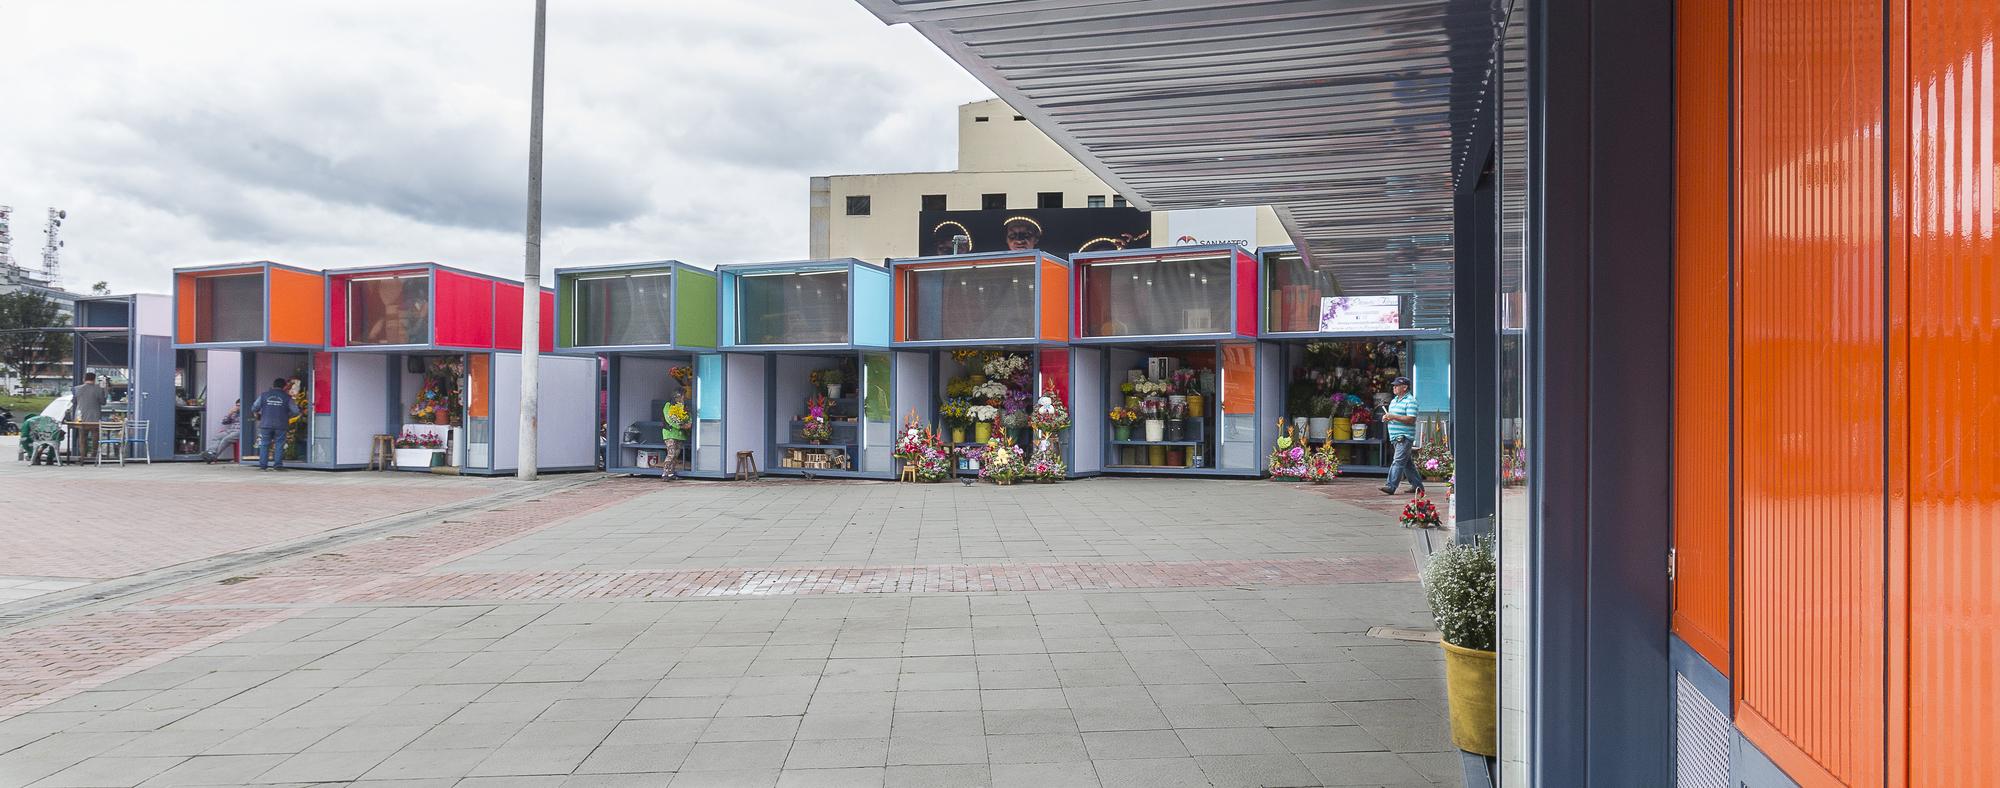 Diseño y arquitectura de Mercado   ArchDaily Perú 59c61c15ad